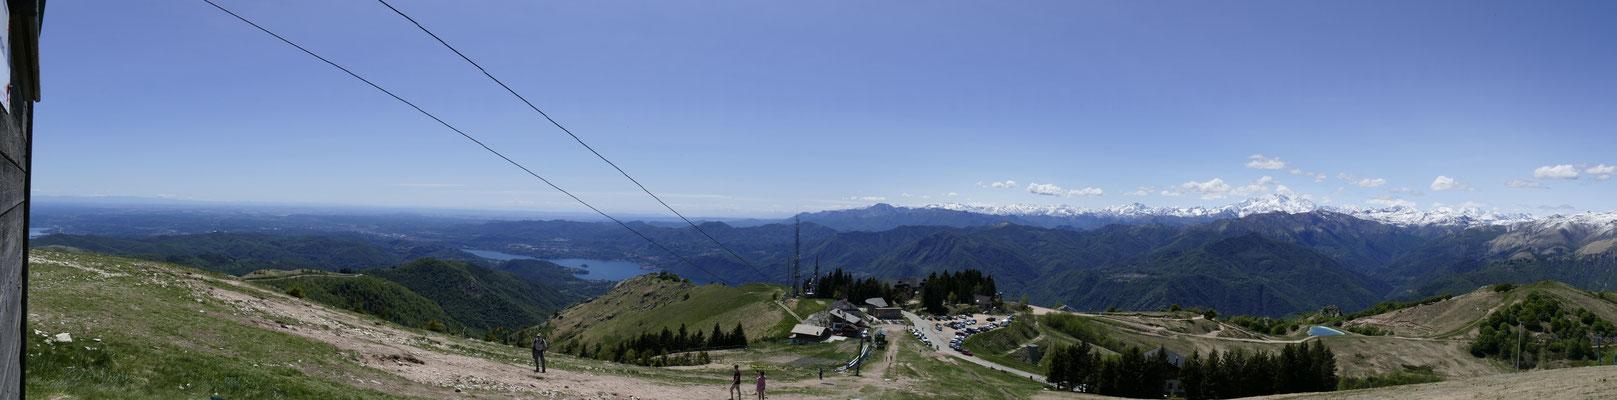 Blick vom Monte Mottarone in Richtung Südwesten